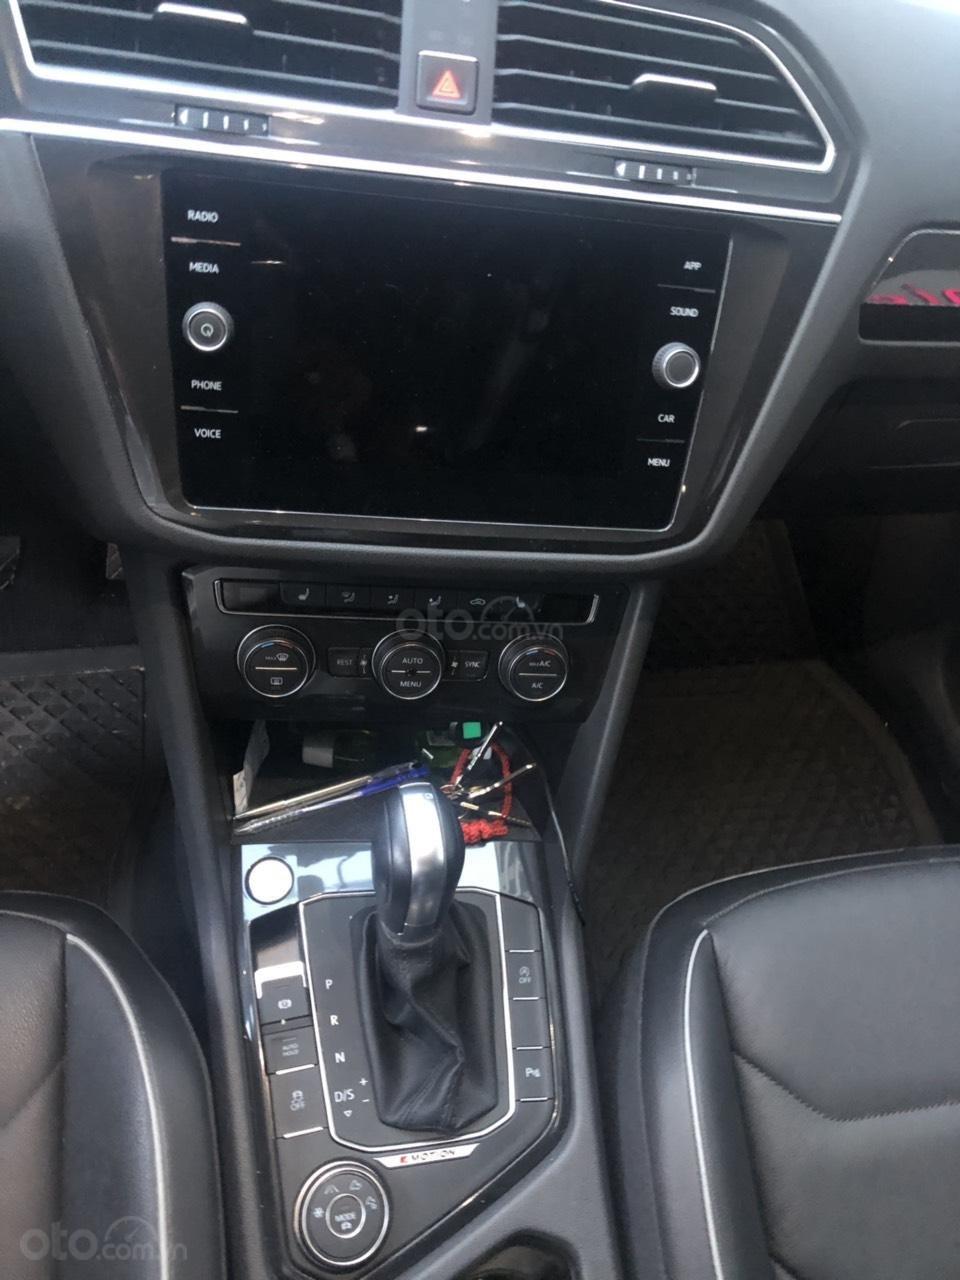 Lên đời bán SUV 7 chỗ VW Tiguan Highline đỏ rượu vang, đăng ký 2019, đi mới 15.000km (9)